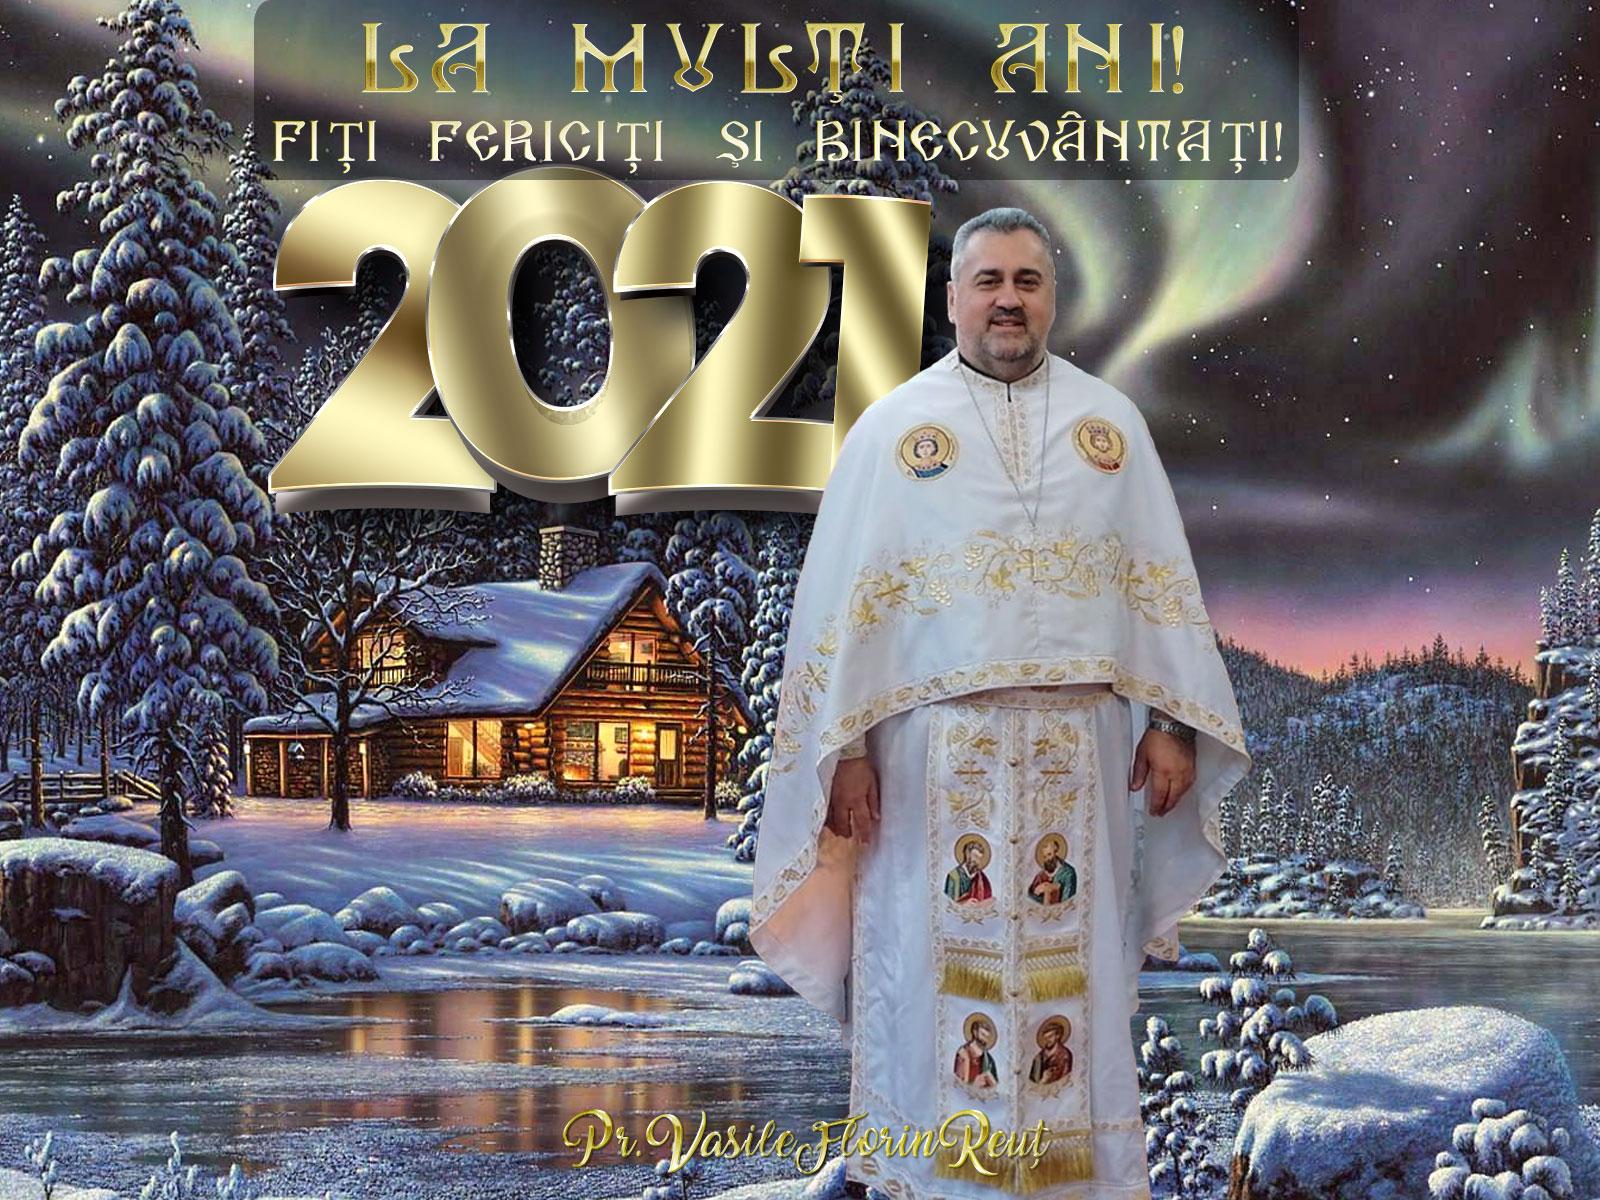 MESAJ DE ANUL NOU 2021 - PĂRINTELE VASILE FLORIN REUŢ